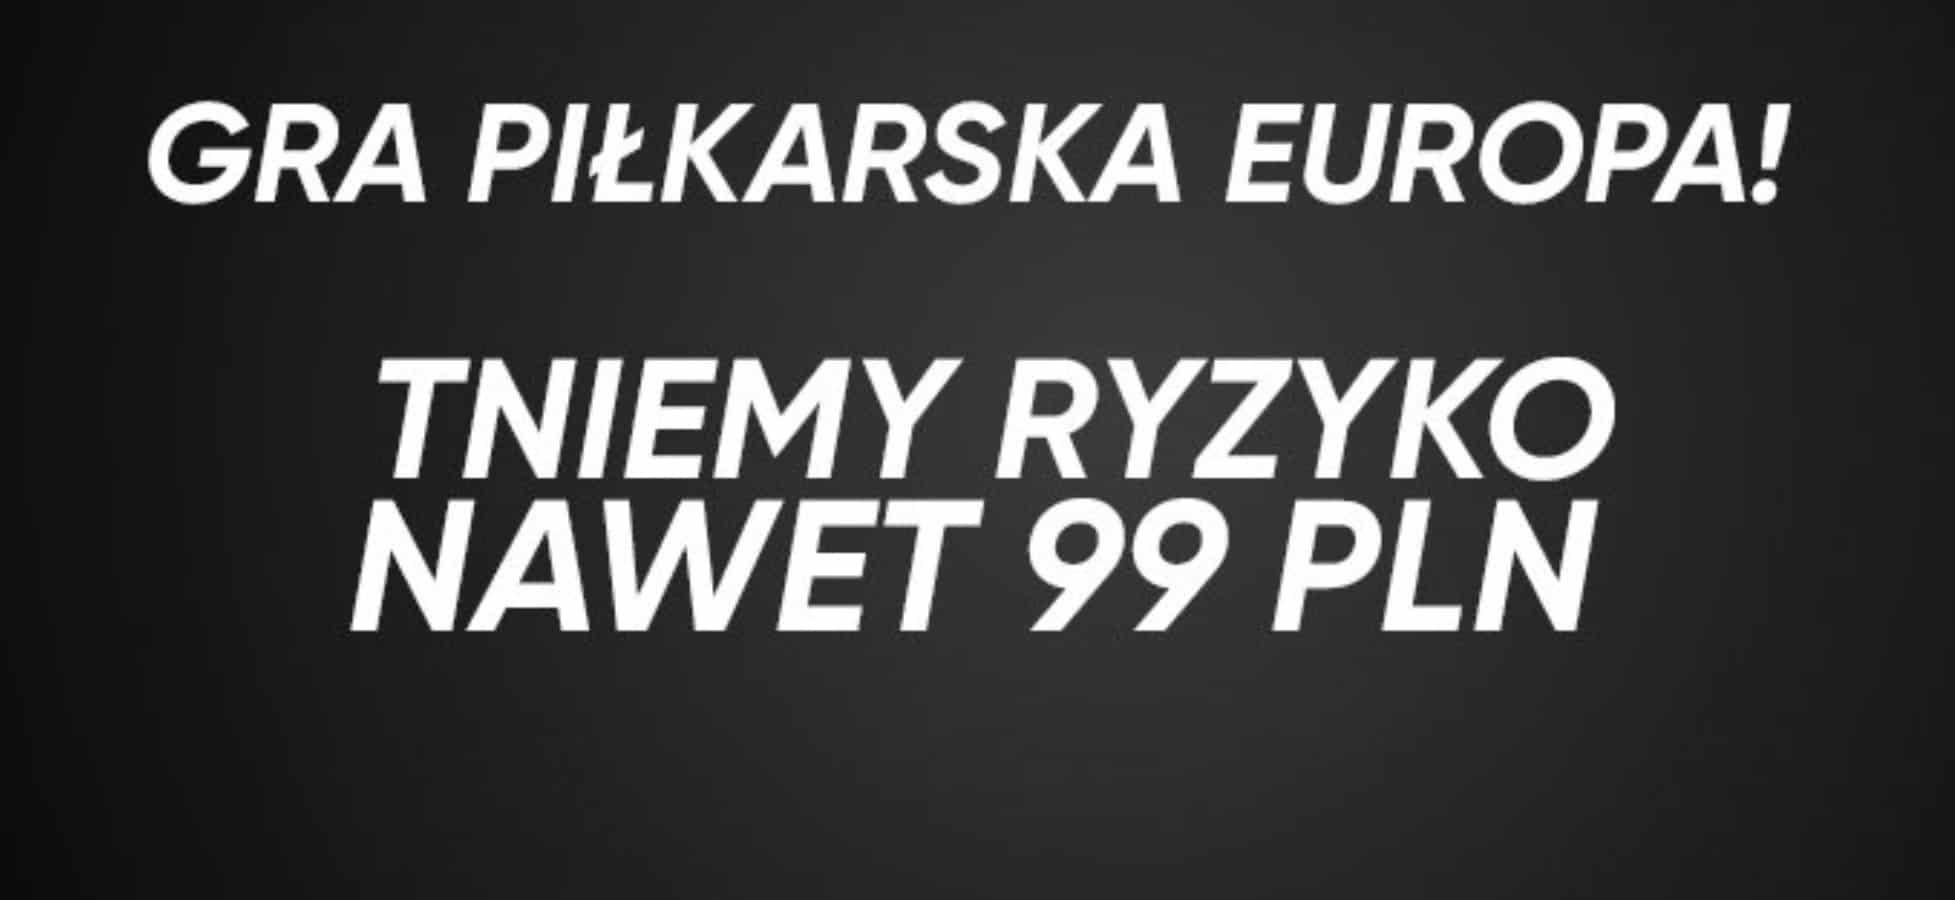 Bonus bez ryzyka w Forbet! 99 PLN do odebrania!